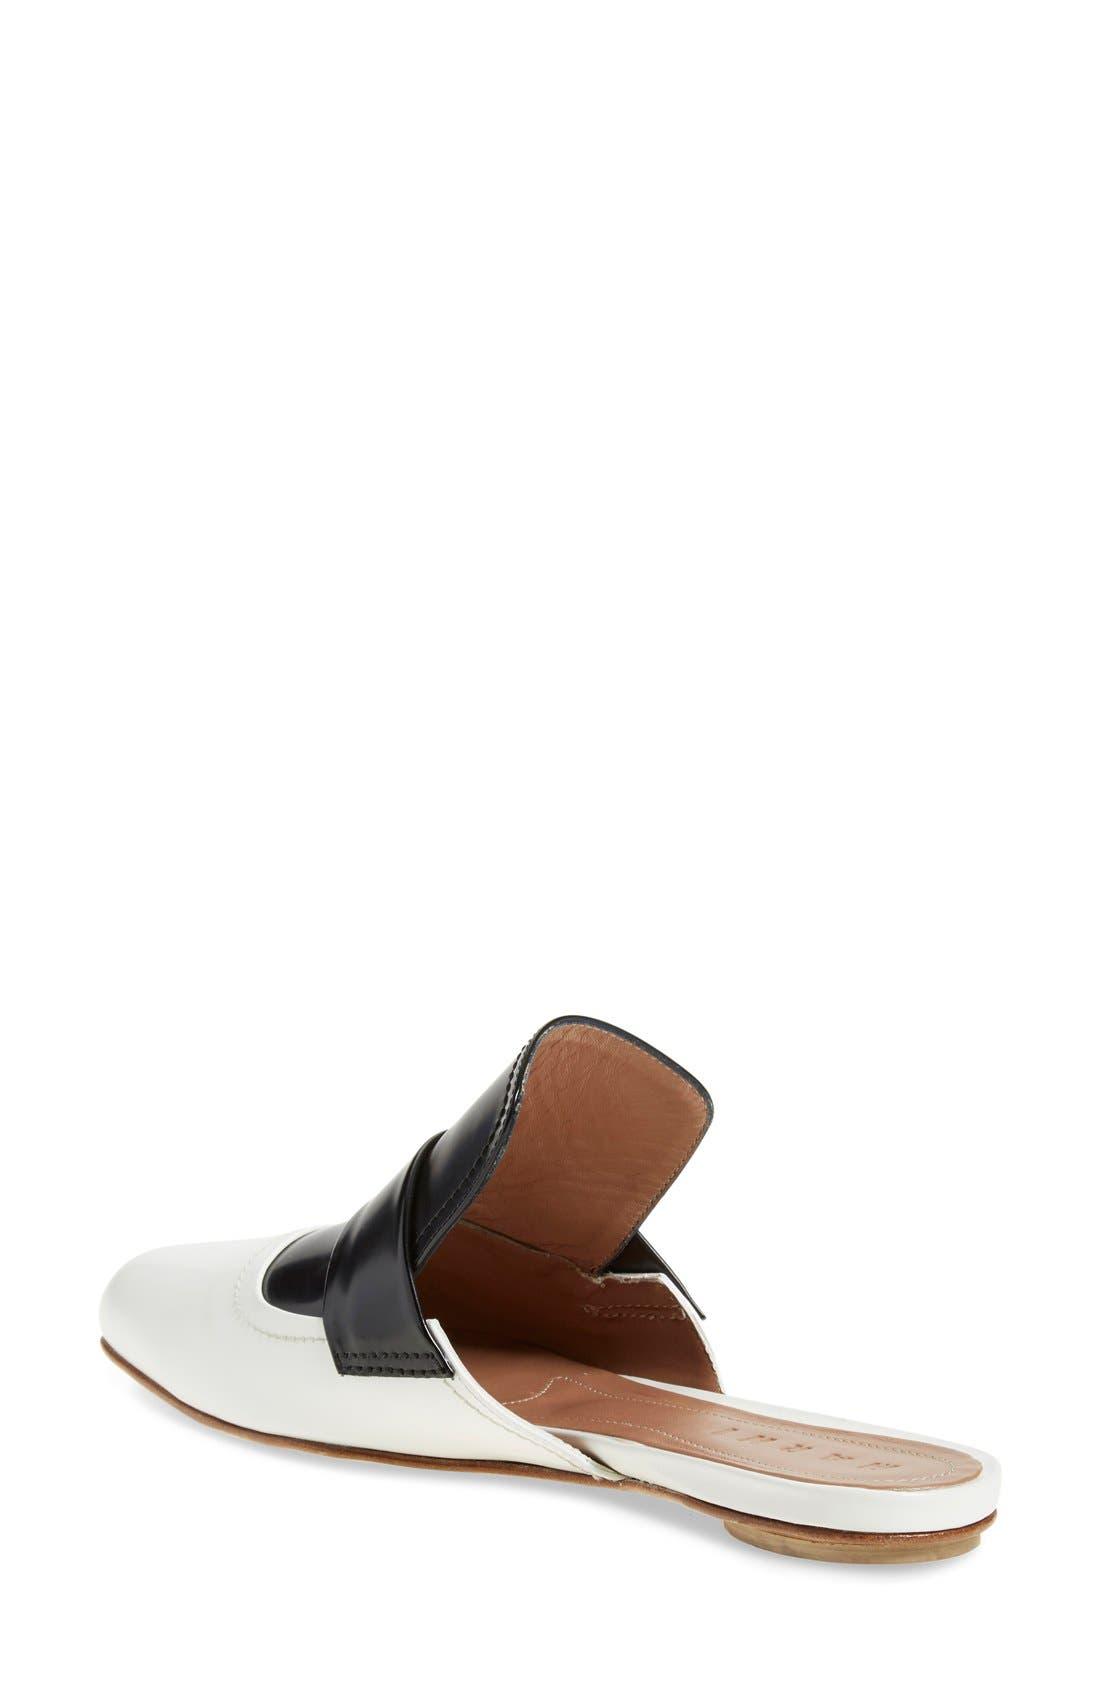 Alternate Image 2  - Marni 'Sabot' Slide Loafer (Women)